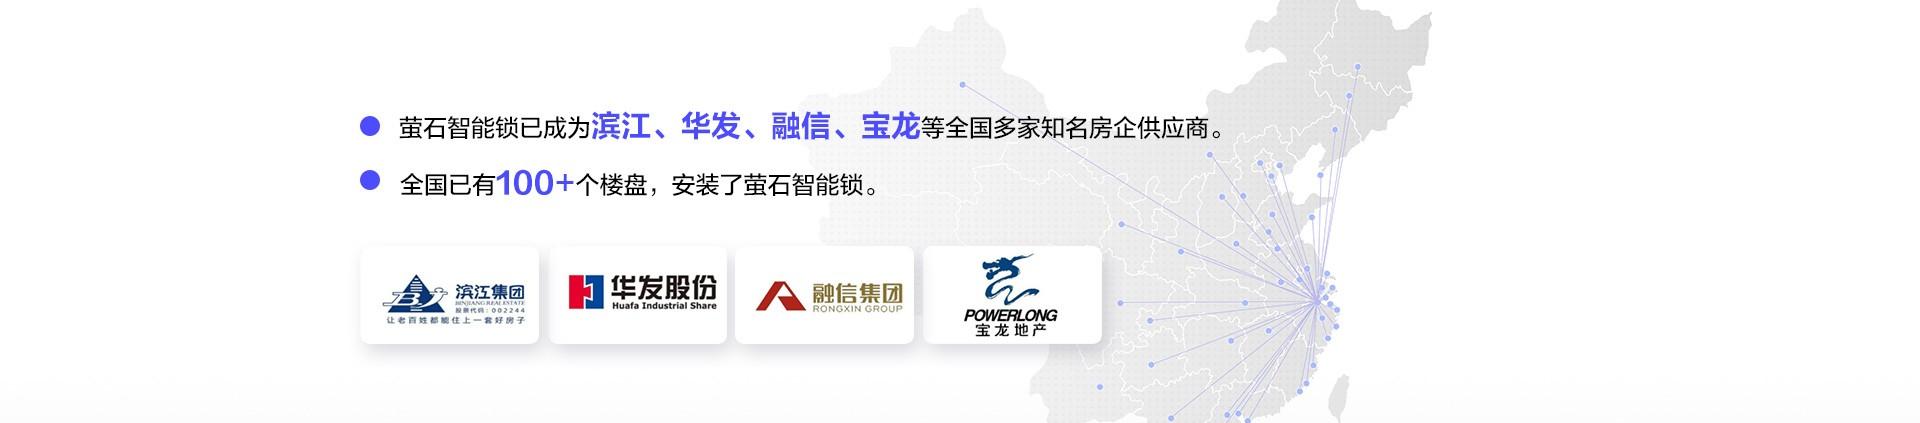 指纹锁新增知名房企供应商-PC.jpg